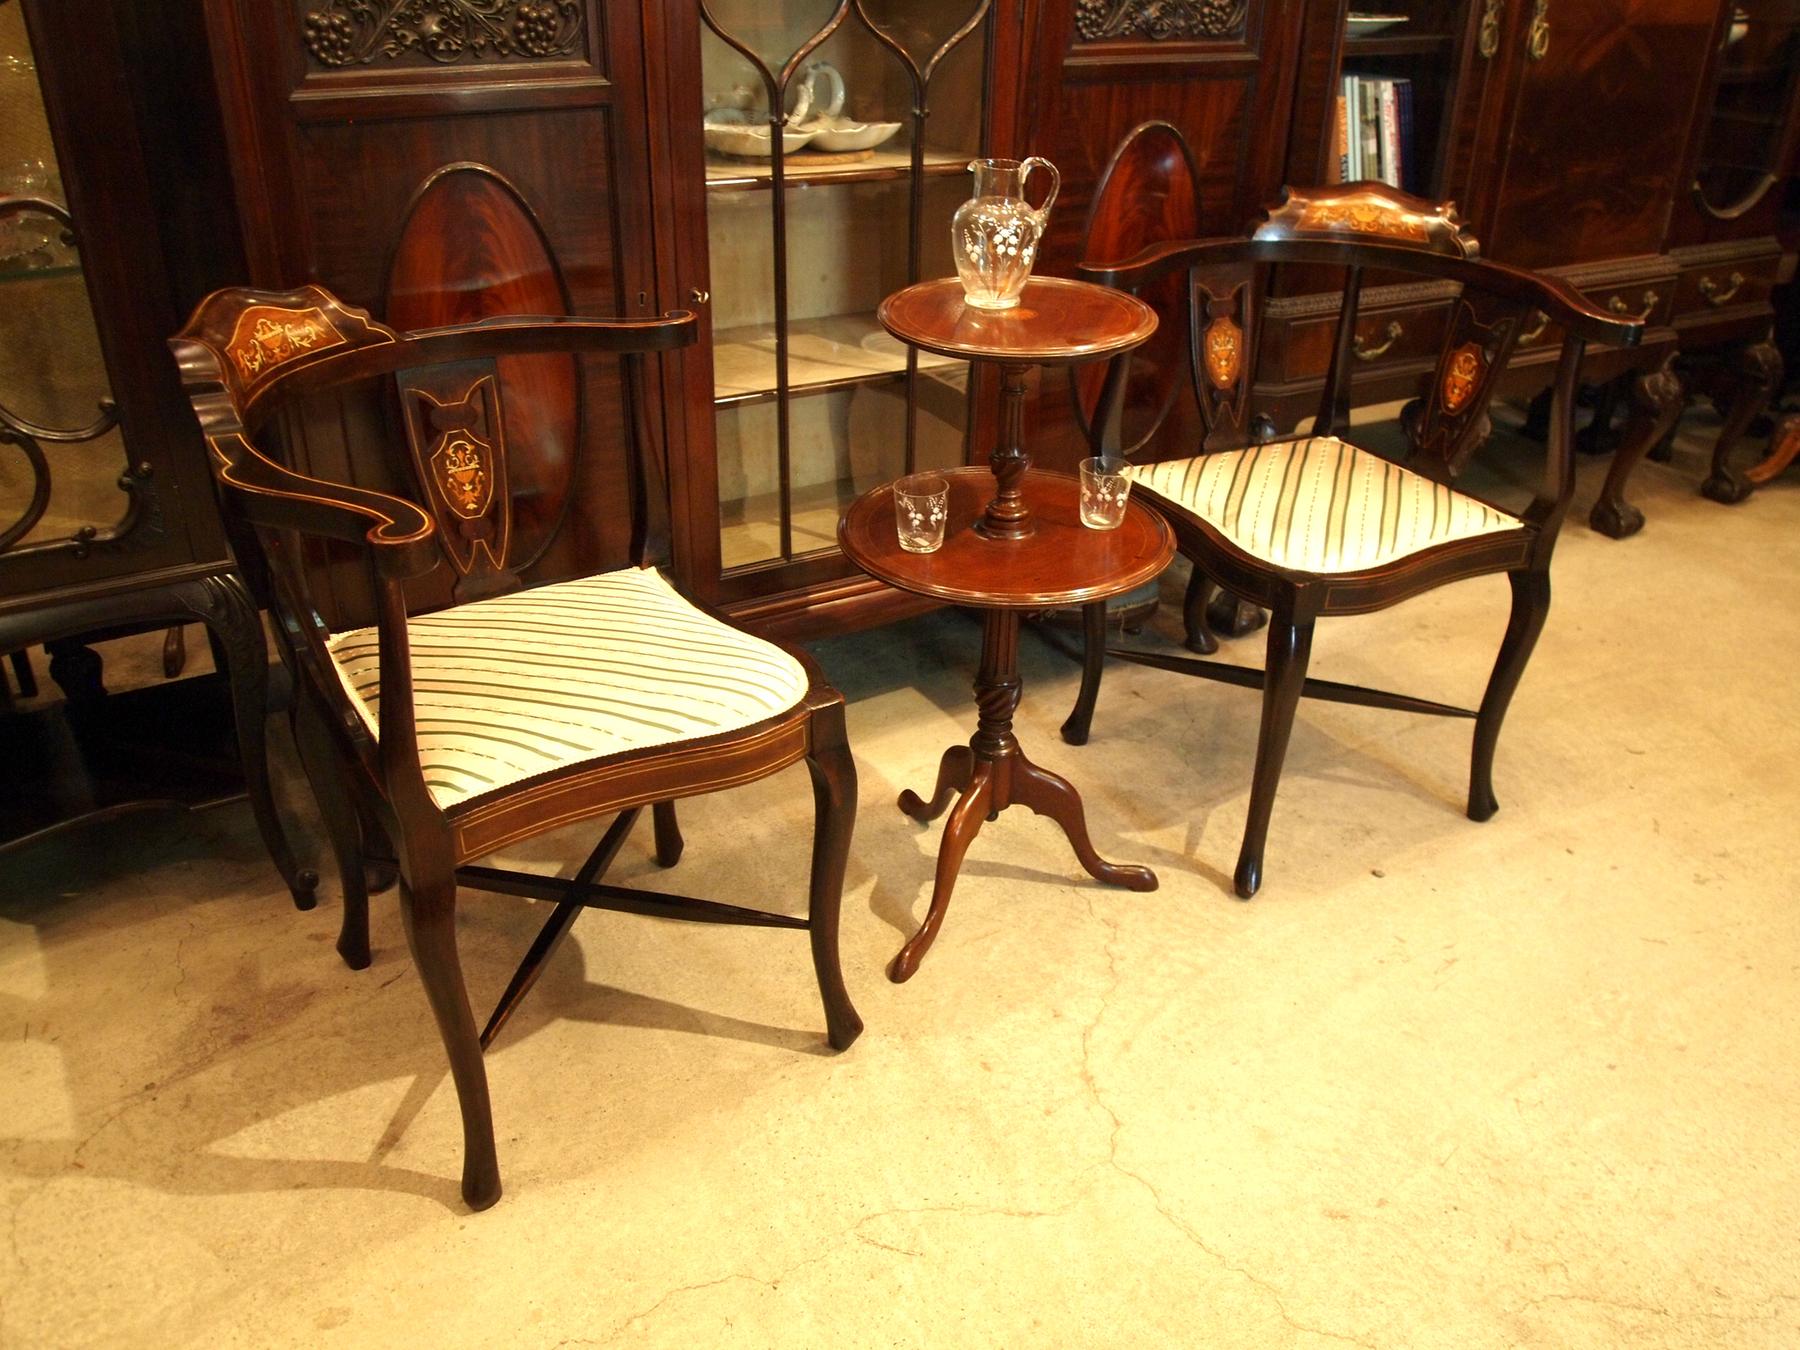 chair301026_02.JPG